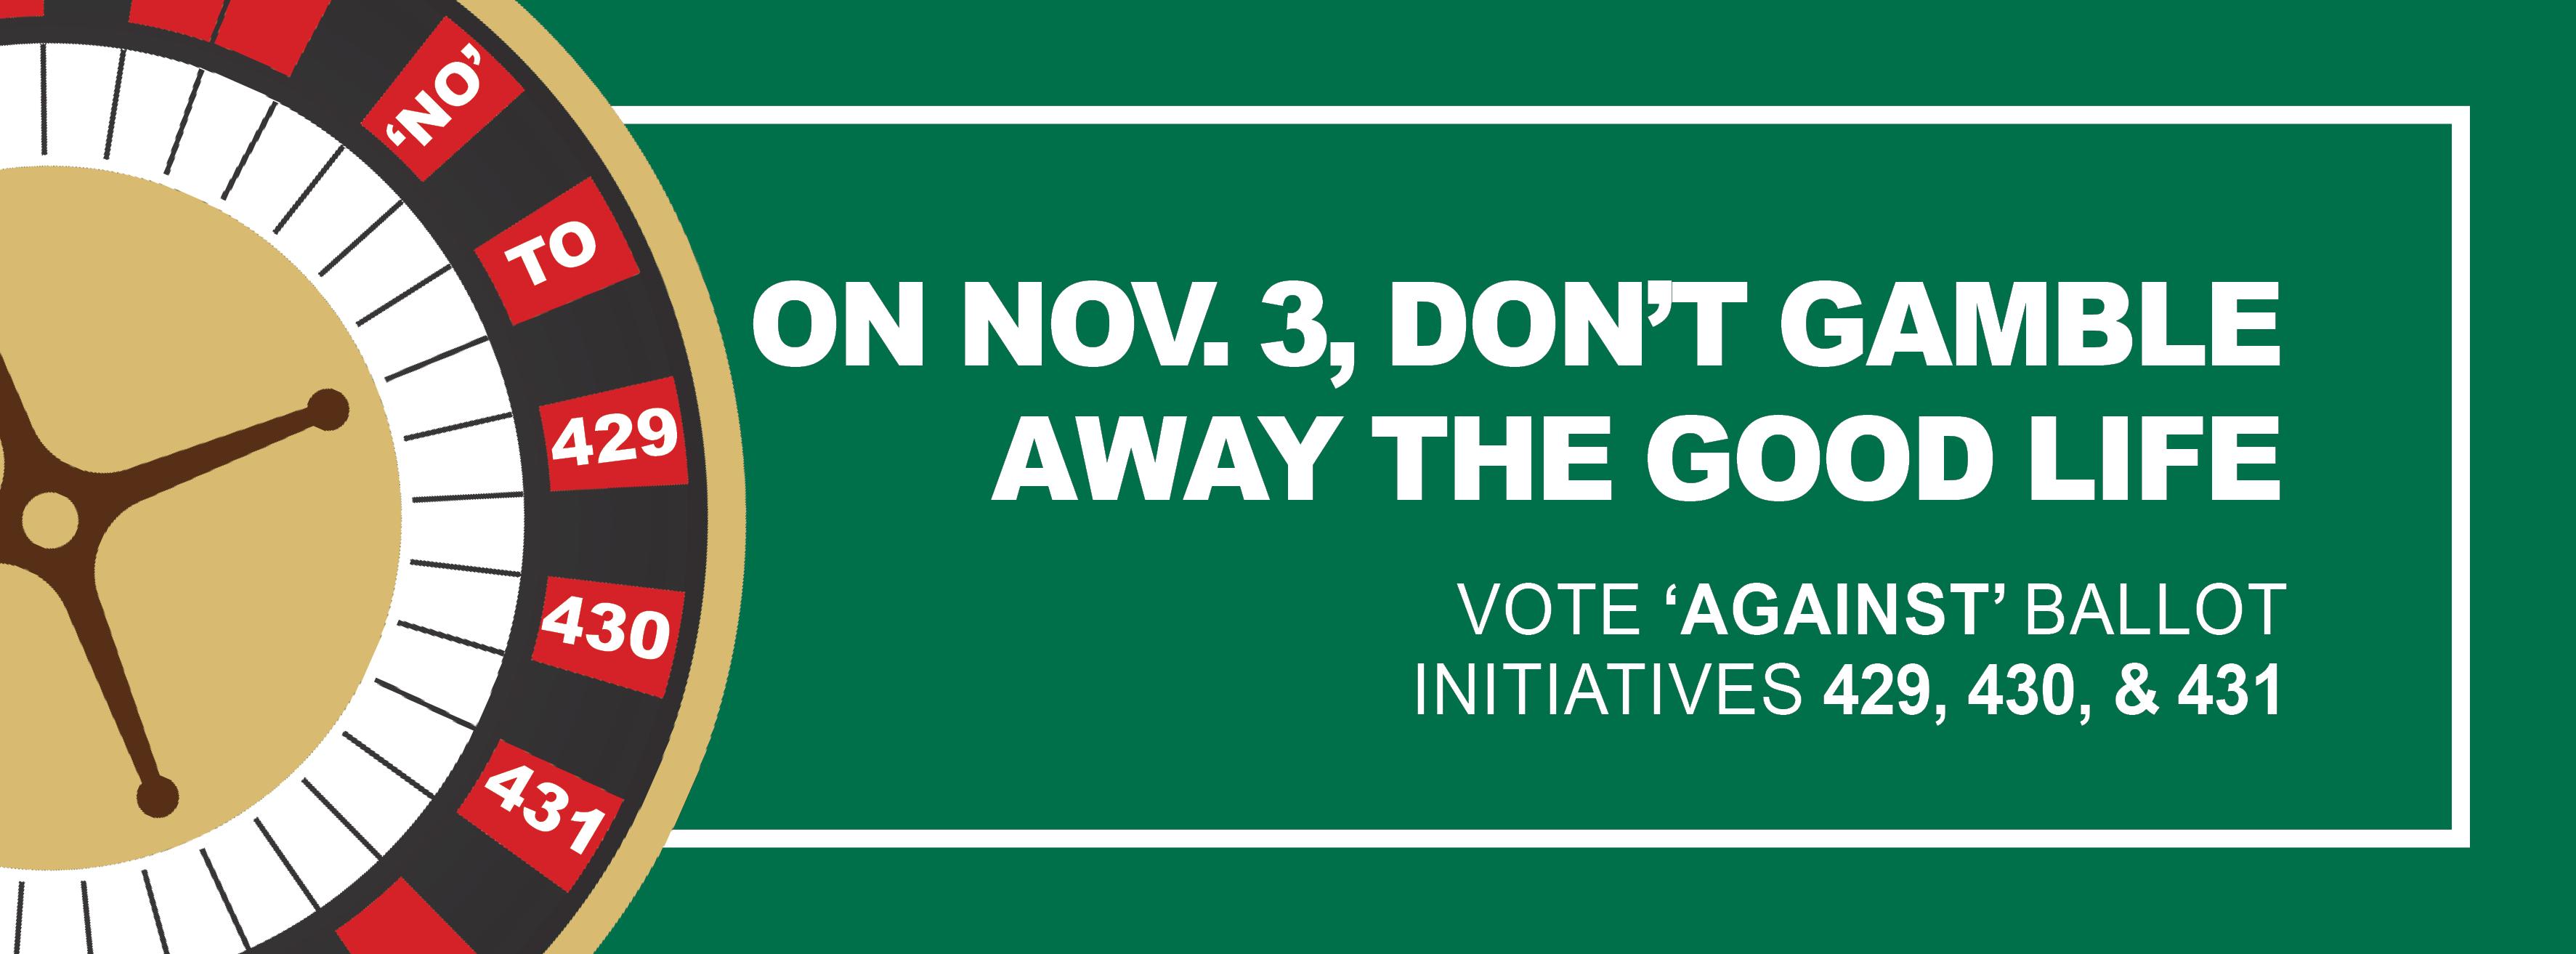 Vote 'Against' Initiatives 429, 430, 431